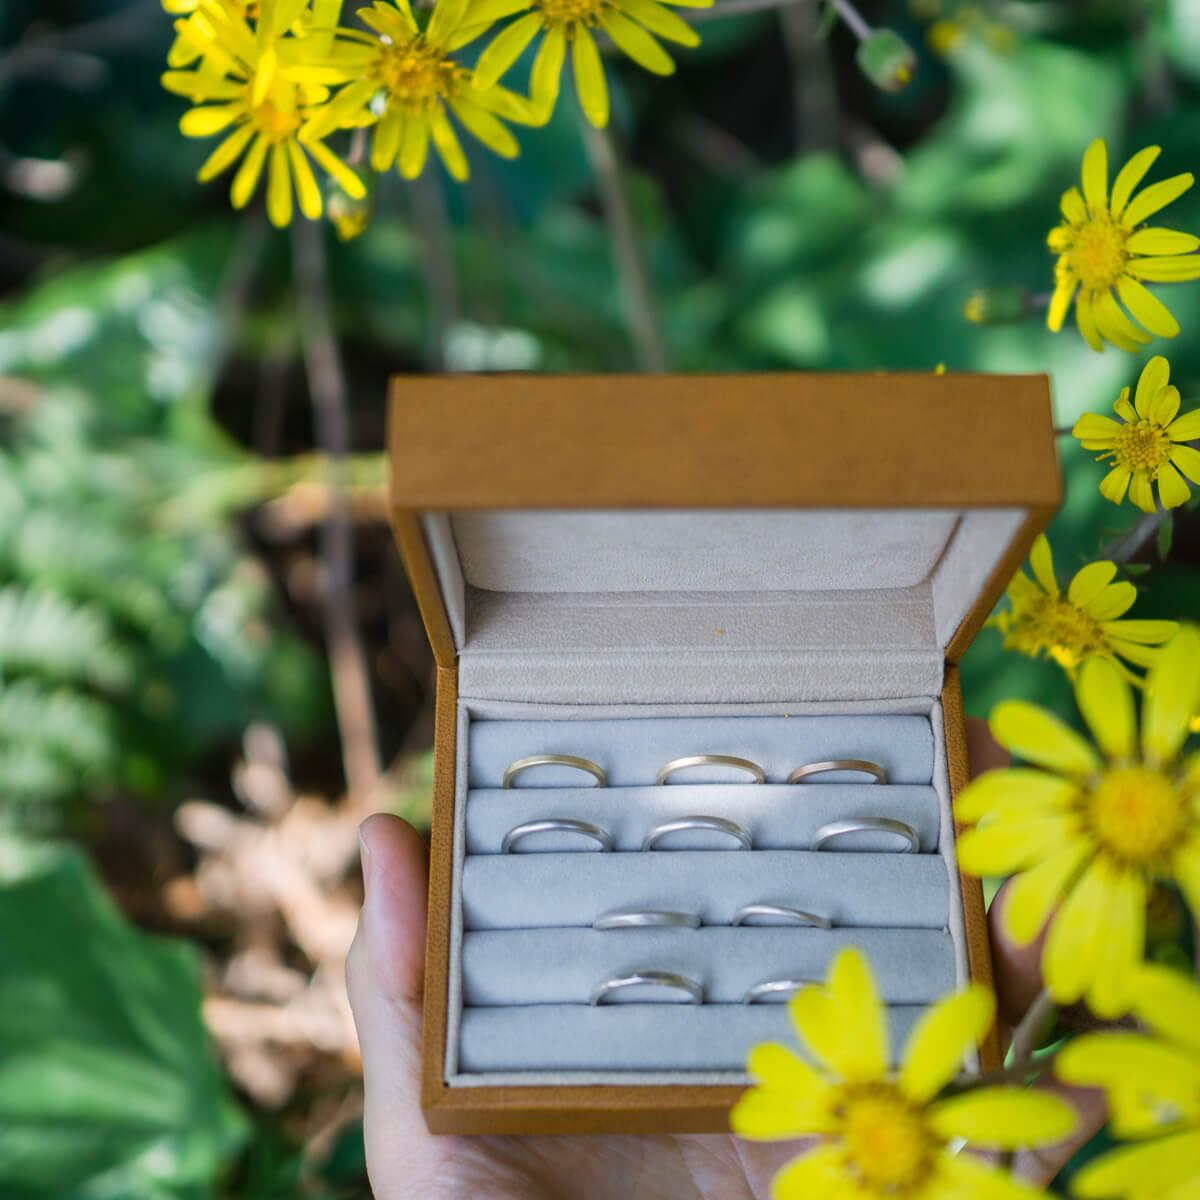 屋久島のツワブキバック オーダーメイドマリッジリングのサンプル ケースの中 手に持って 屋久島でつくる結婚指輪